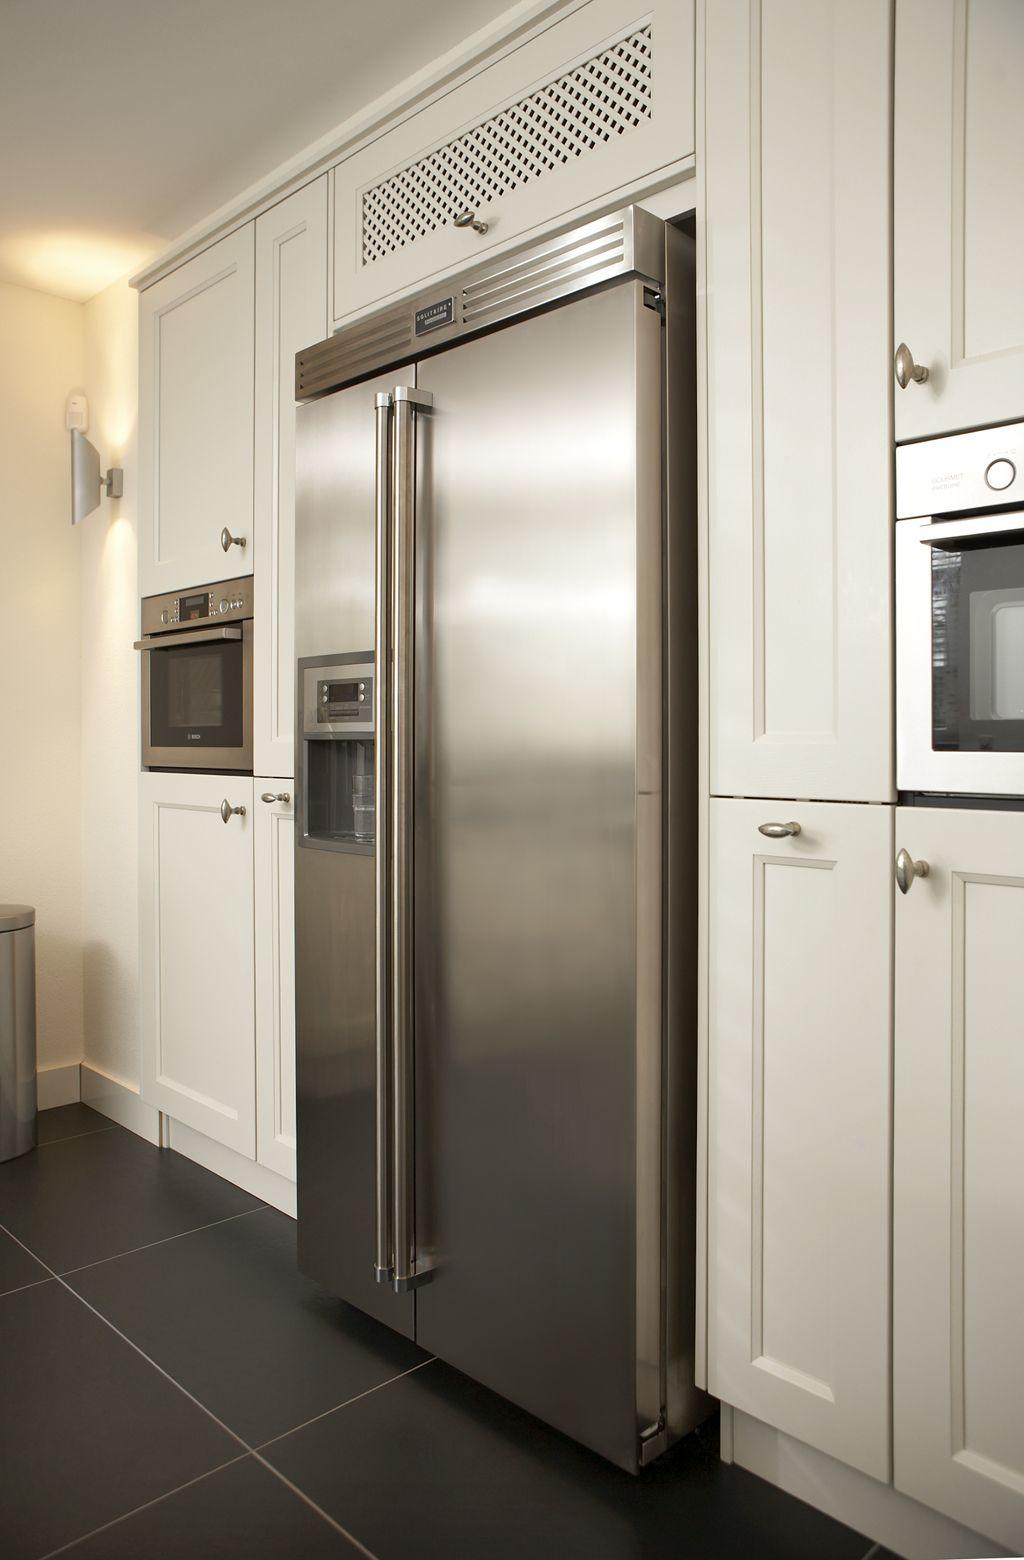 Afbeeldingsresultaat voor amerikaanse koelkast landelijke keukens keuken pinterest zoeken - Moderne amerikaanse keuken ...